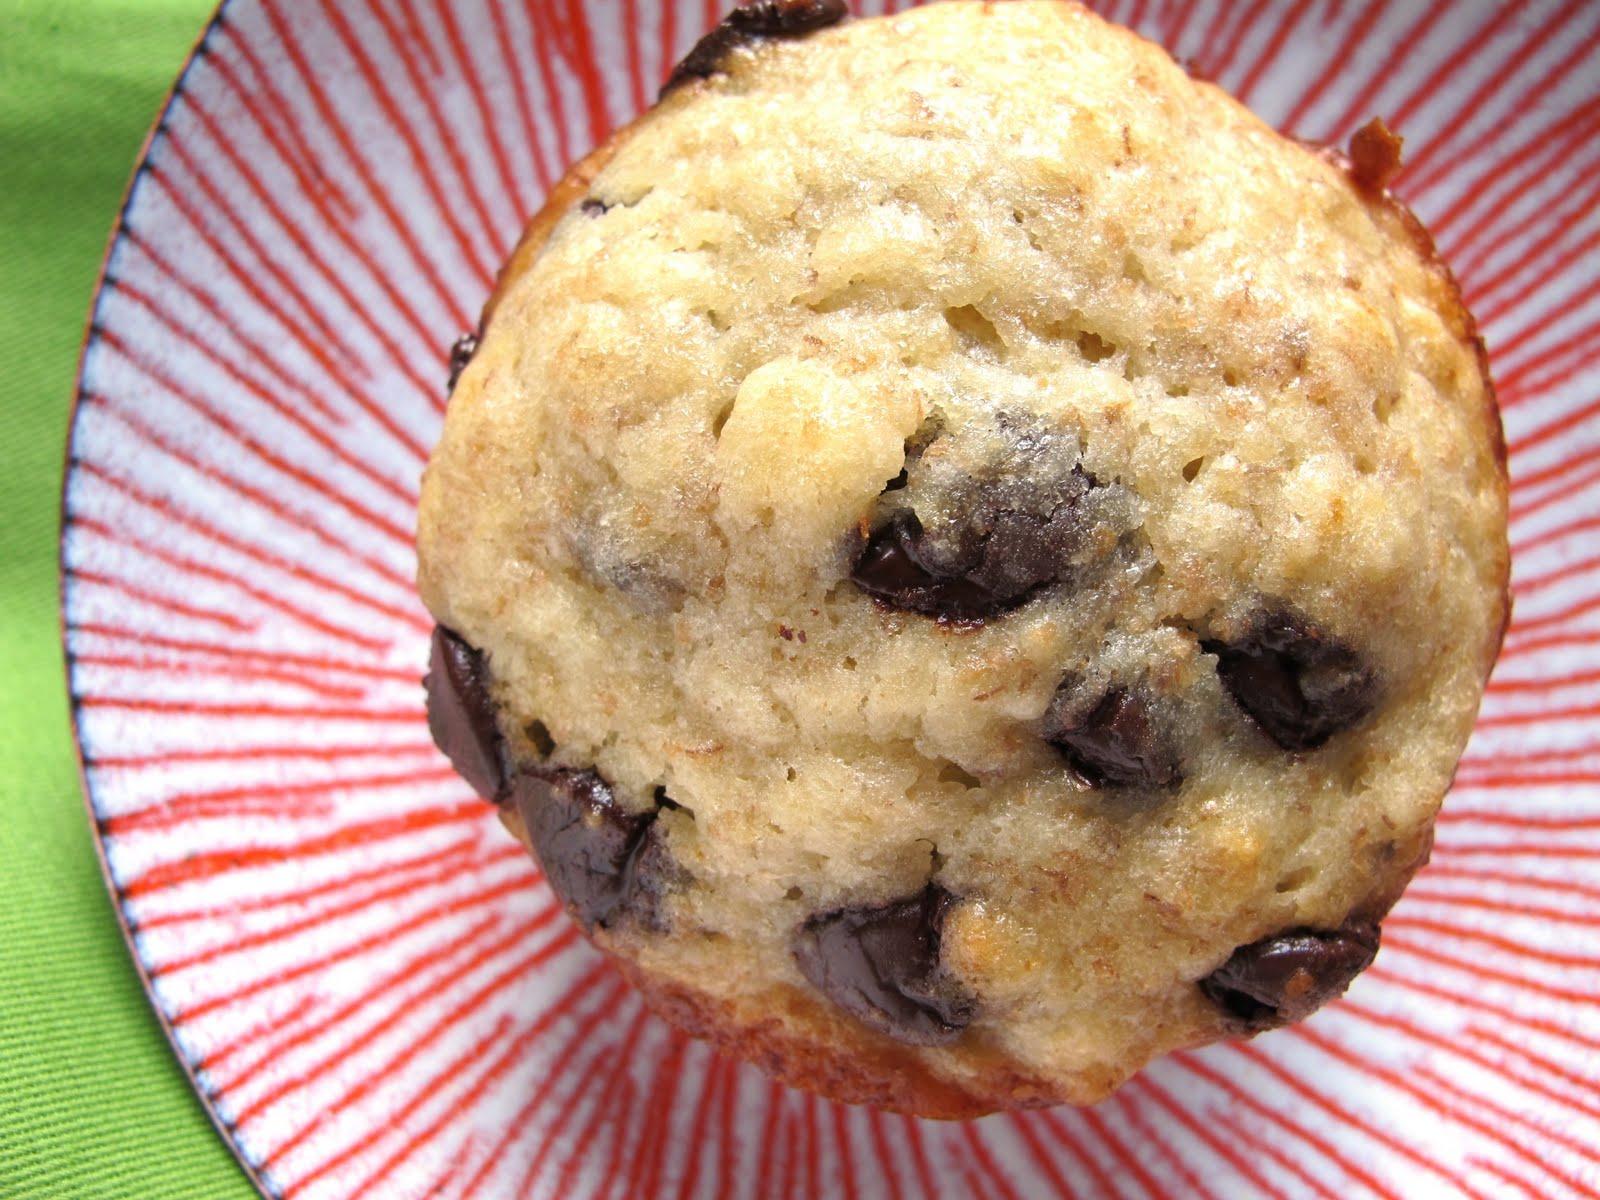 Recipe: Banana chocolate-chip muffins for Weston's birthday